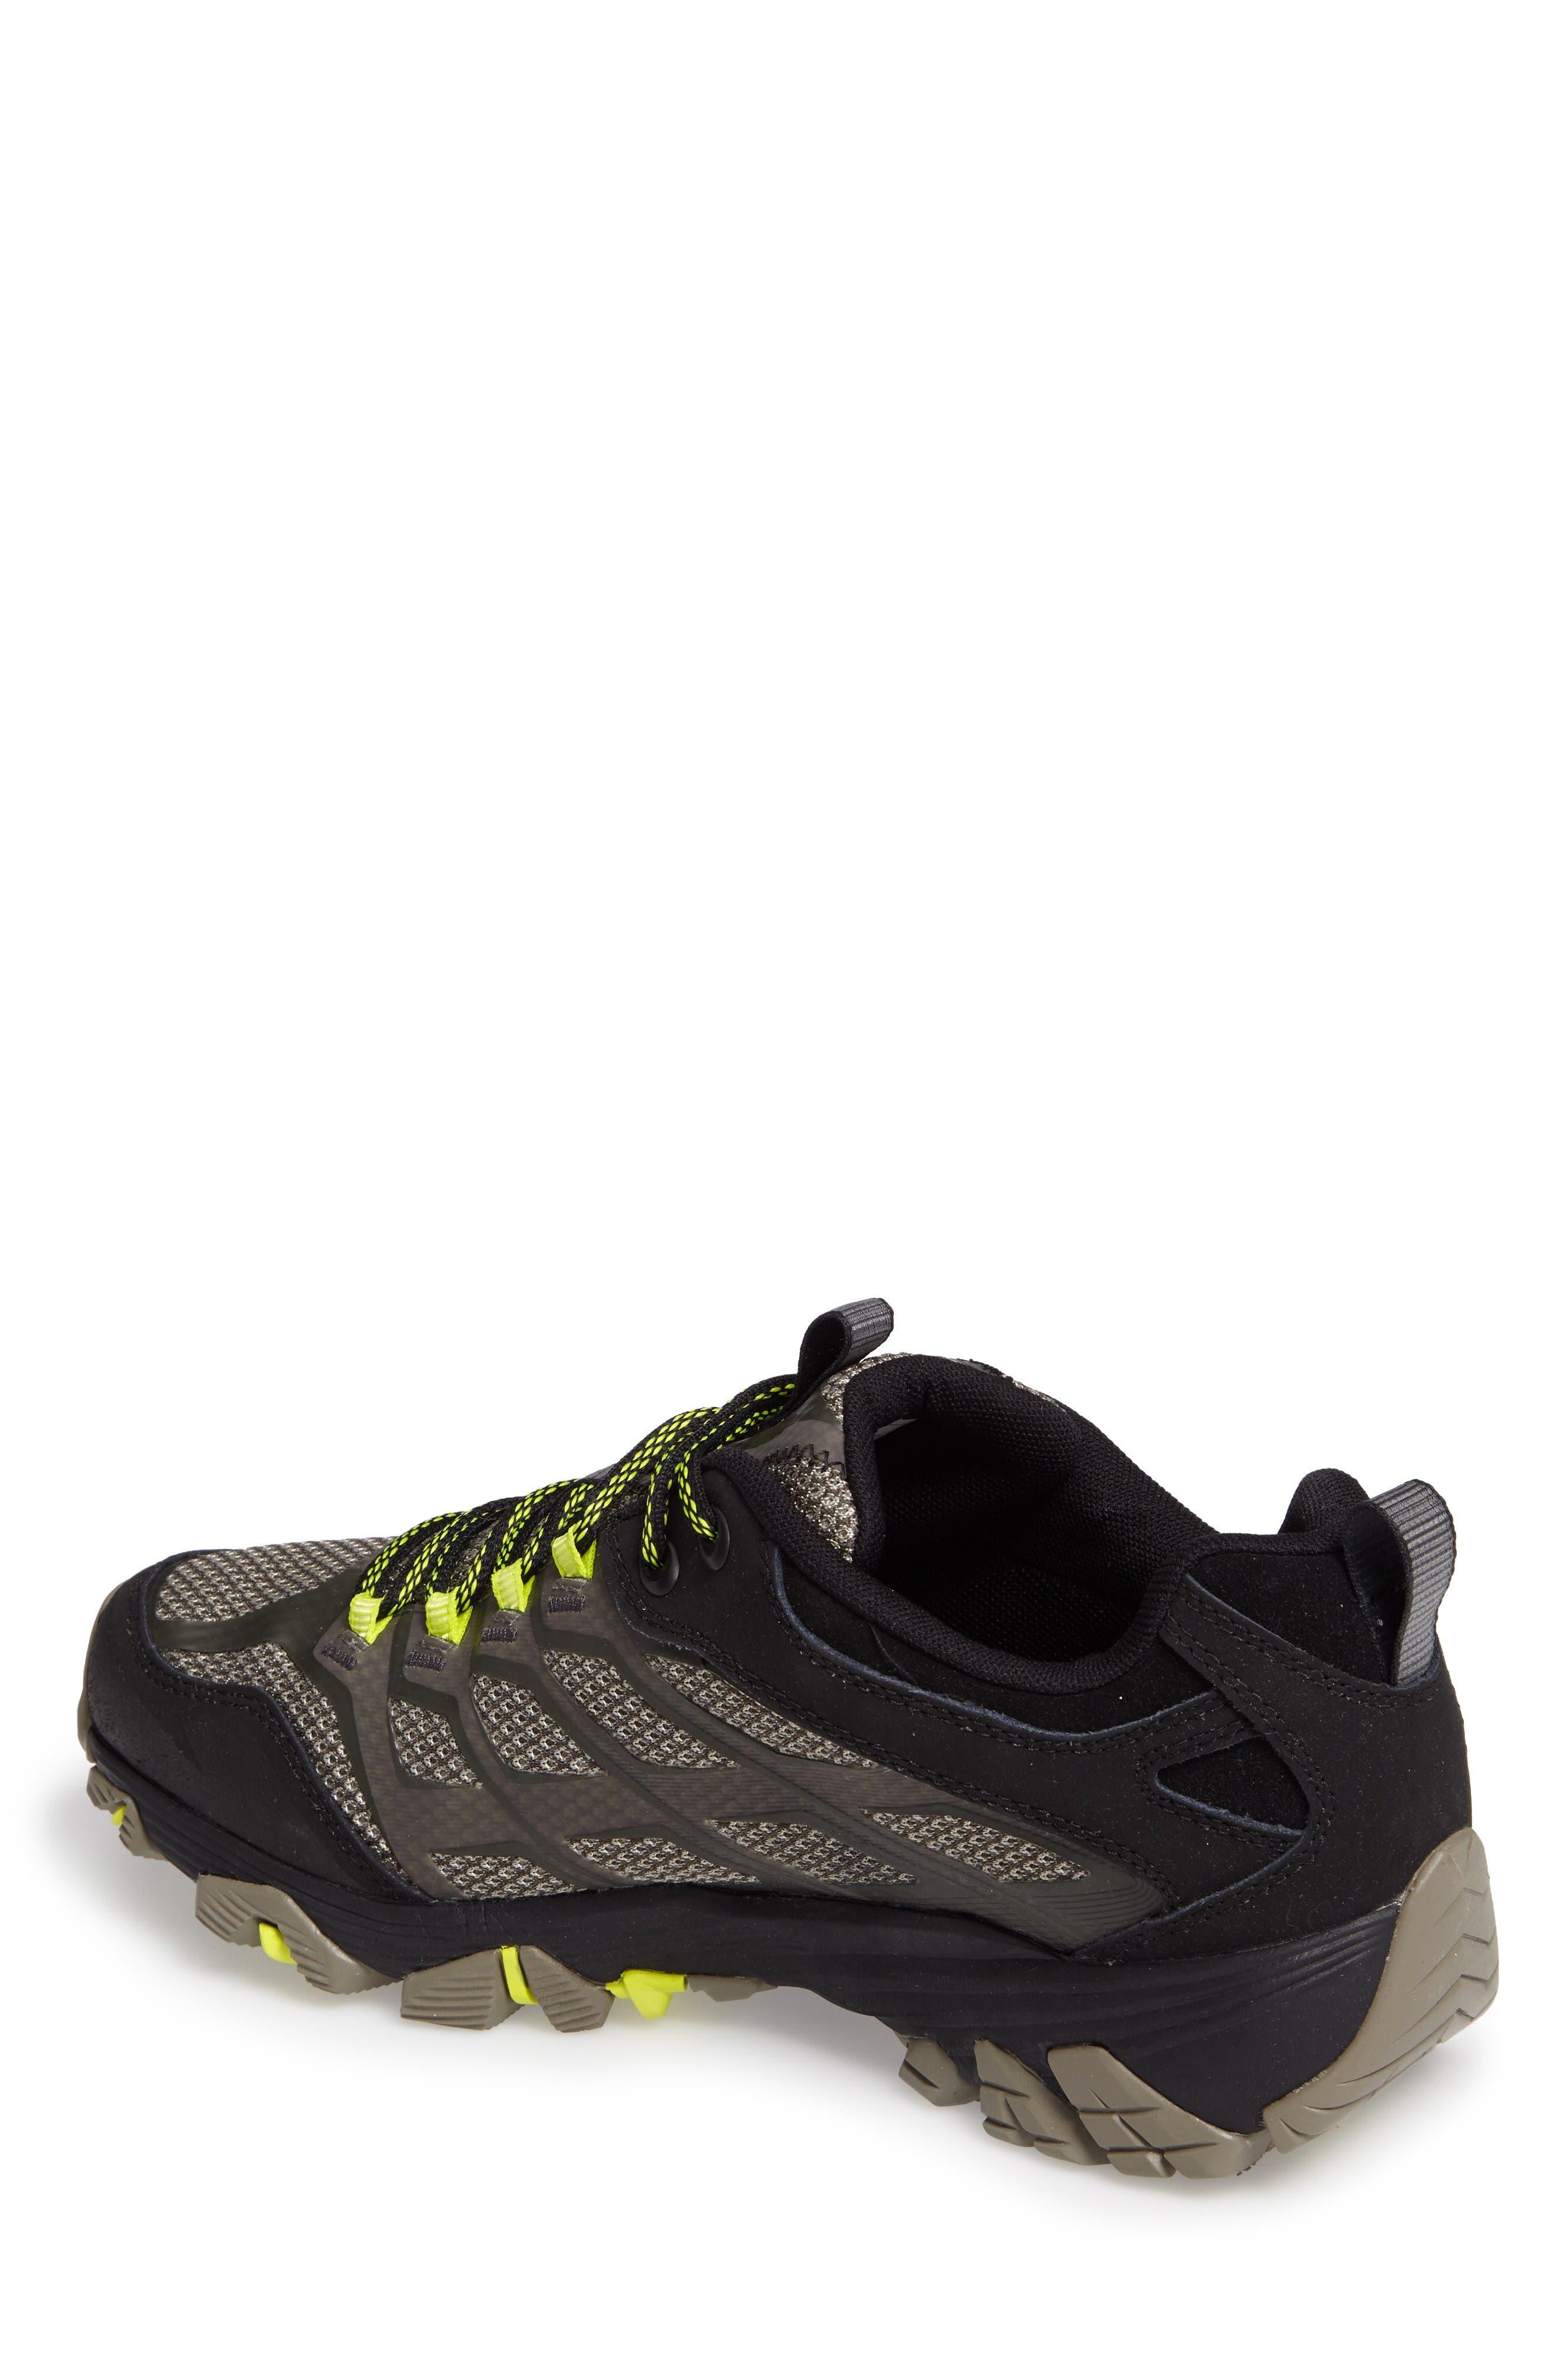 Alternate Image 2  - Merrell Moab FST Waterproof Hiking Shoe (Men)